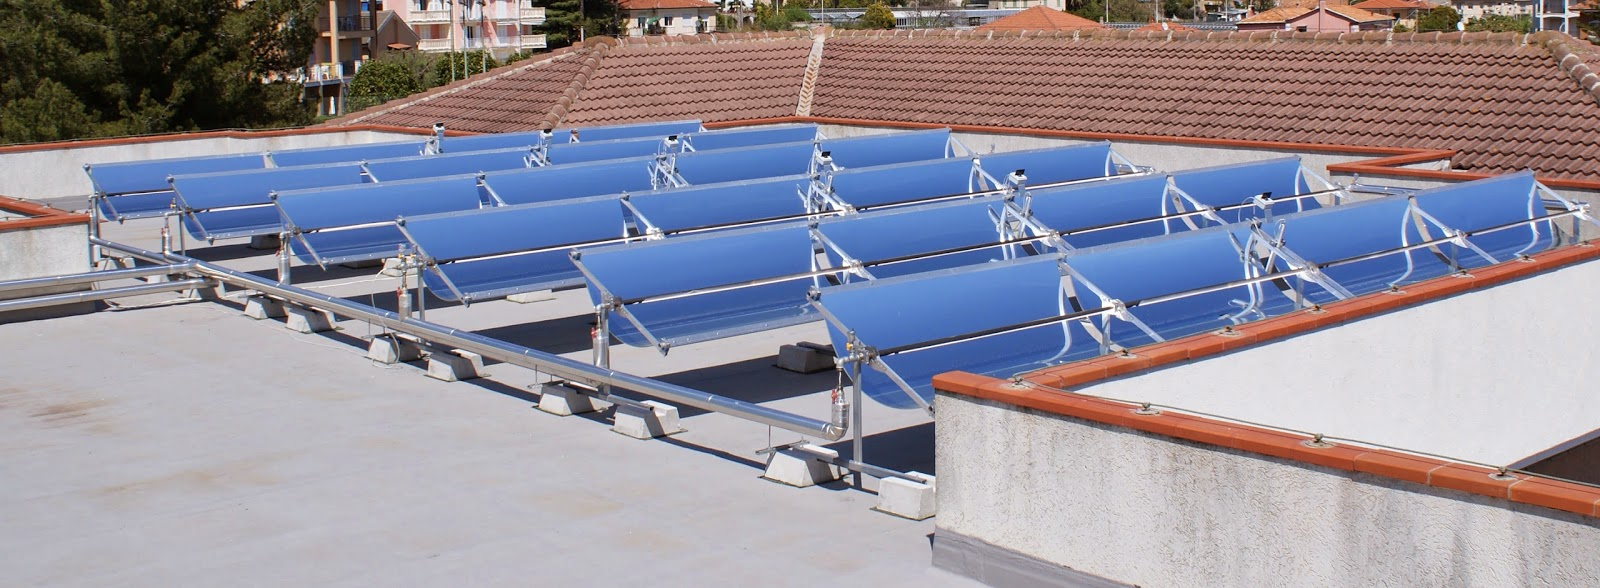 الطاقة,مصادر الطاقة,السخان الشمسي ذات مجمع القطع المكافئ Parabolic Trough Solar Heater,الطاقة المتجددة,الطاقة الجديدة والمتجددة,الطاقة الشمسية